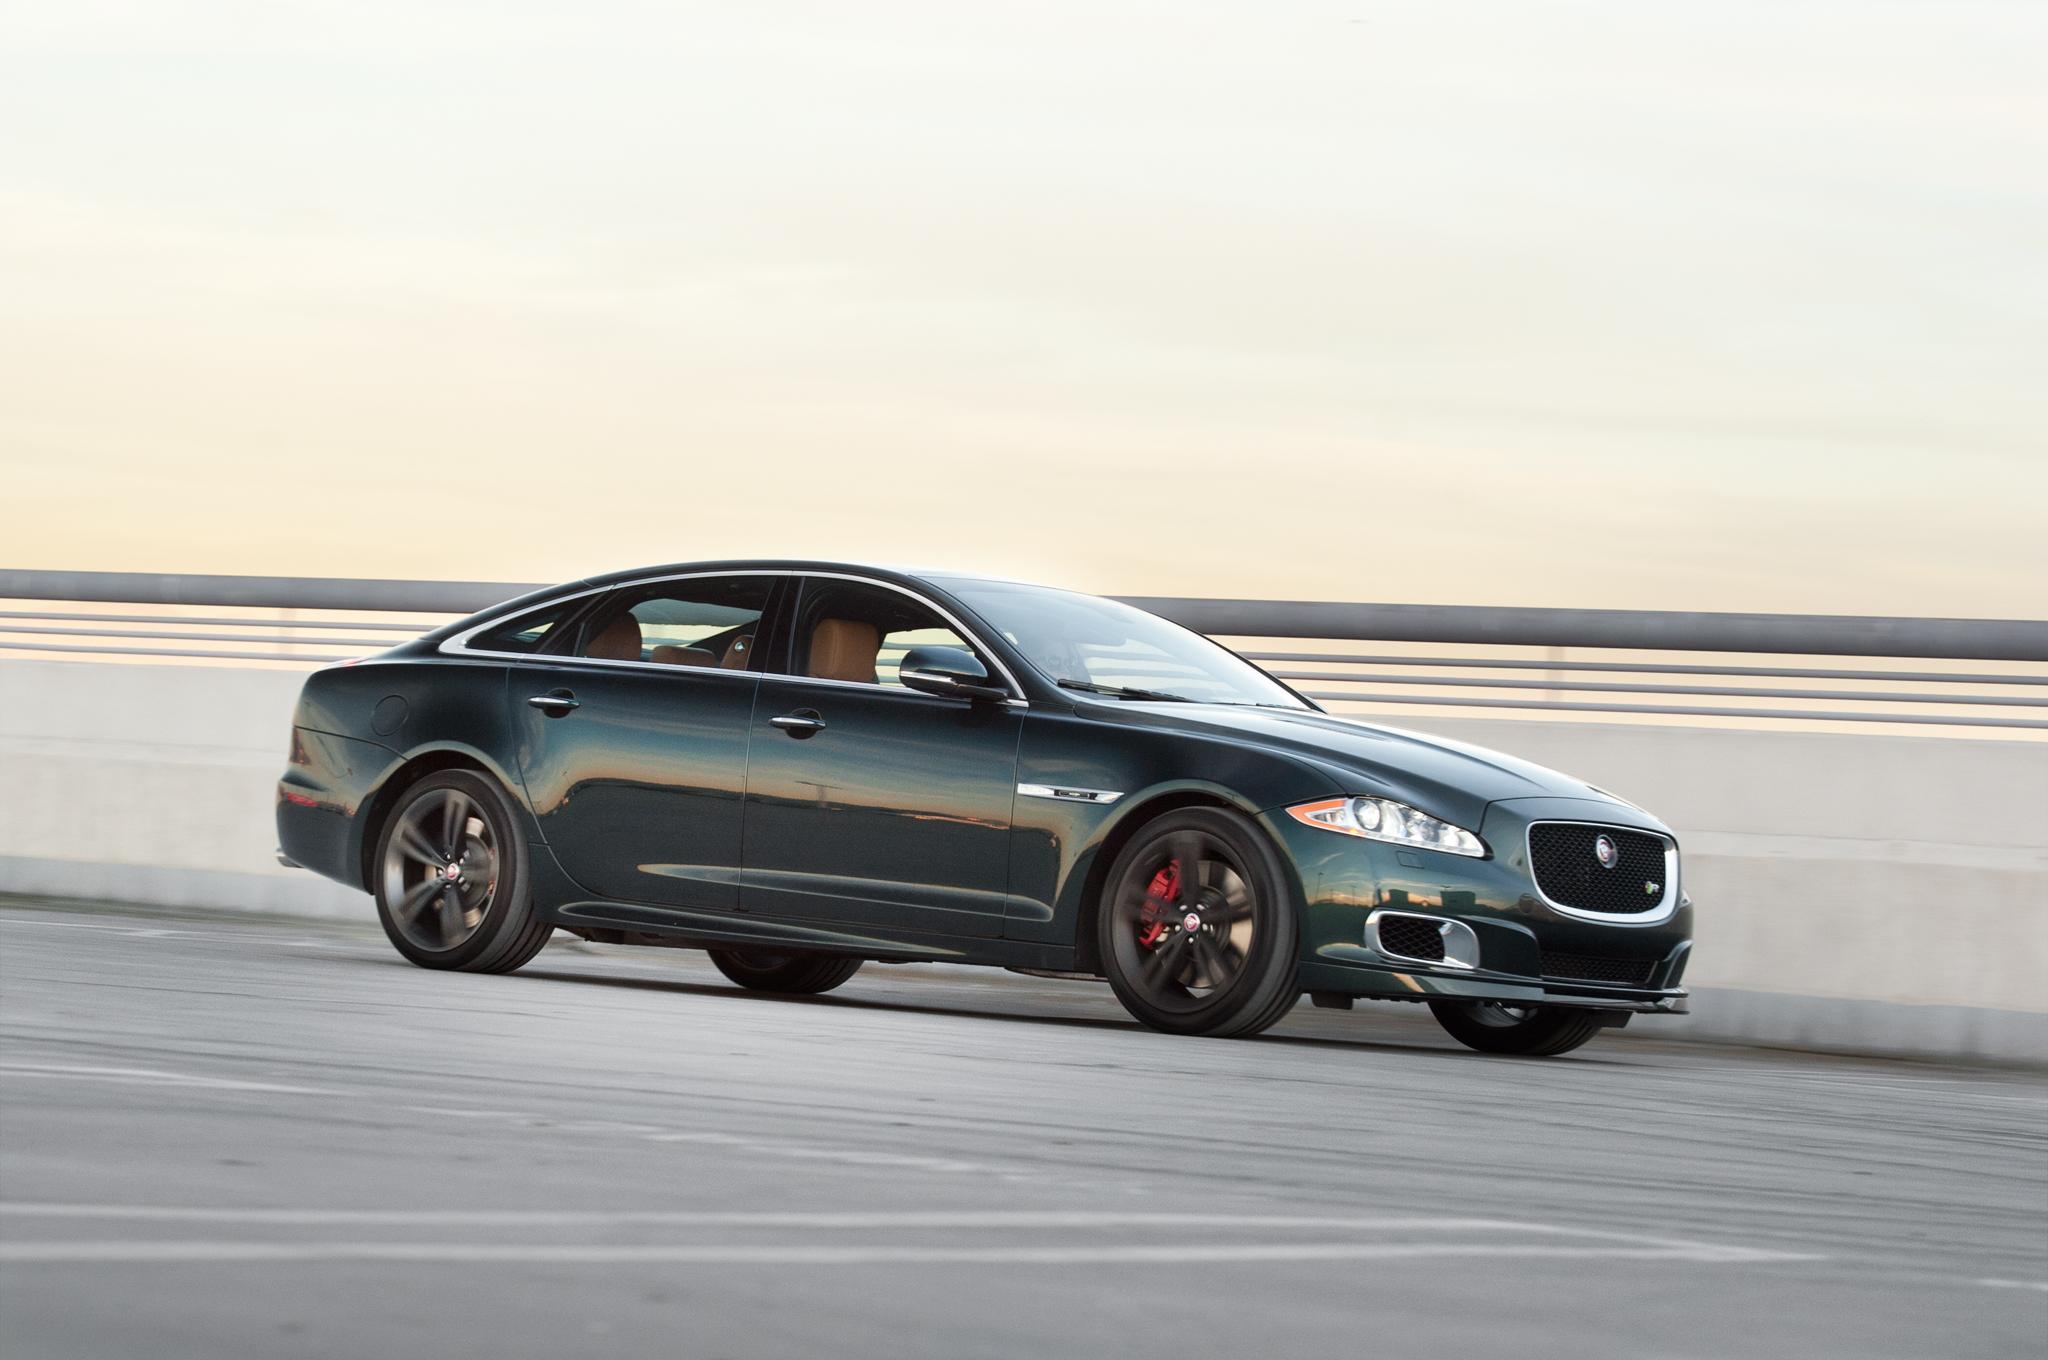 2014 Jaguar XJR Long Wheelbase Backgrounds, Compatible - PC, Mobile, Gadgets| 2048x1360 px